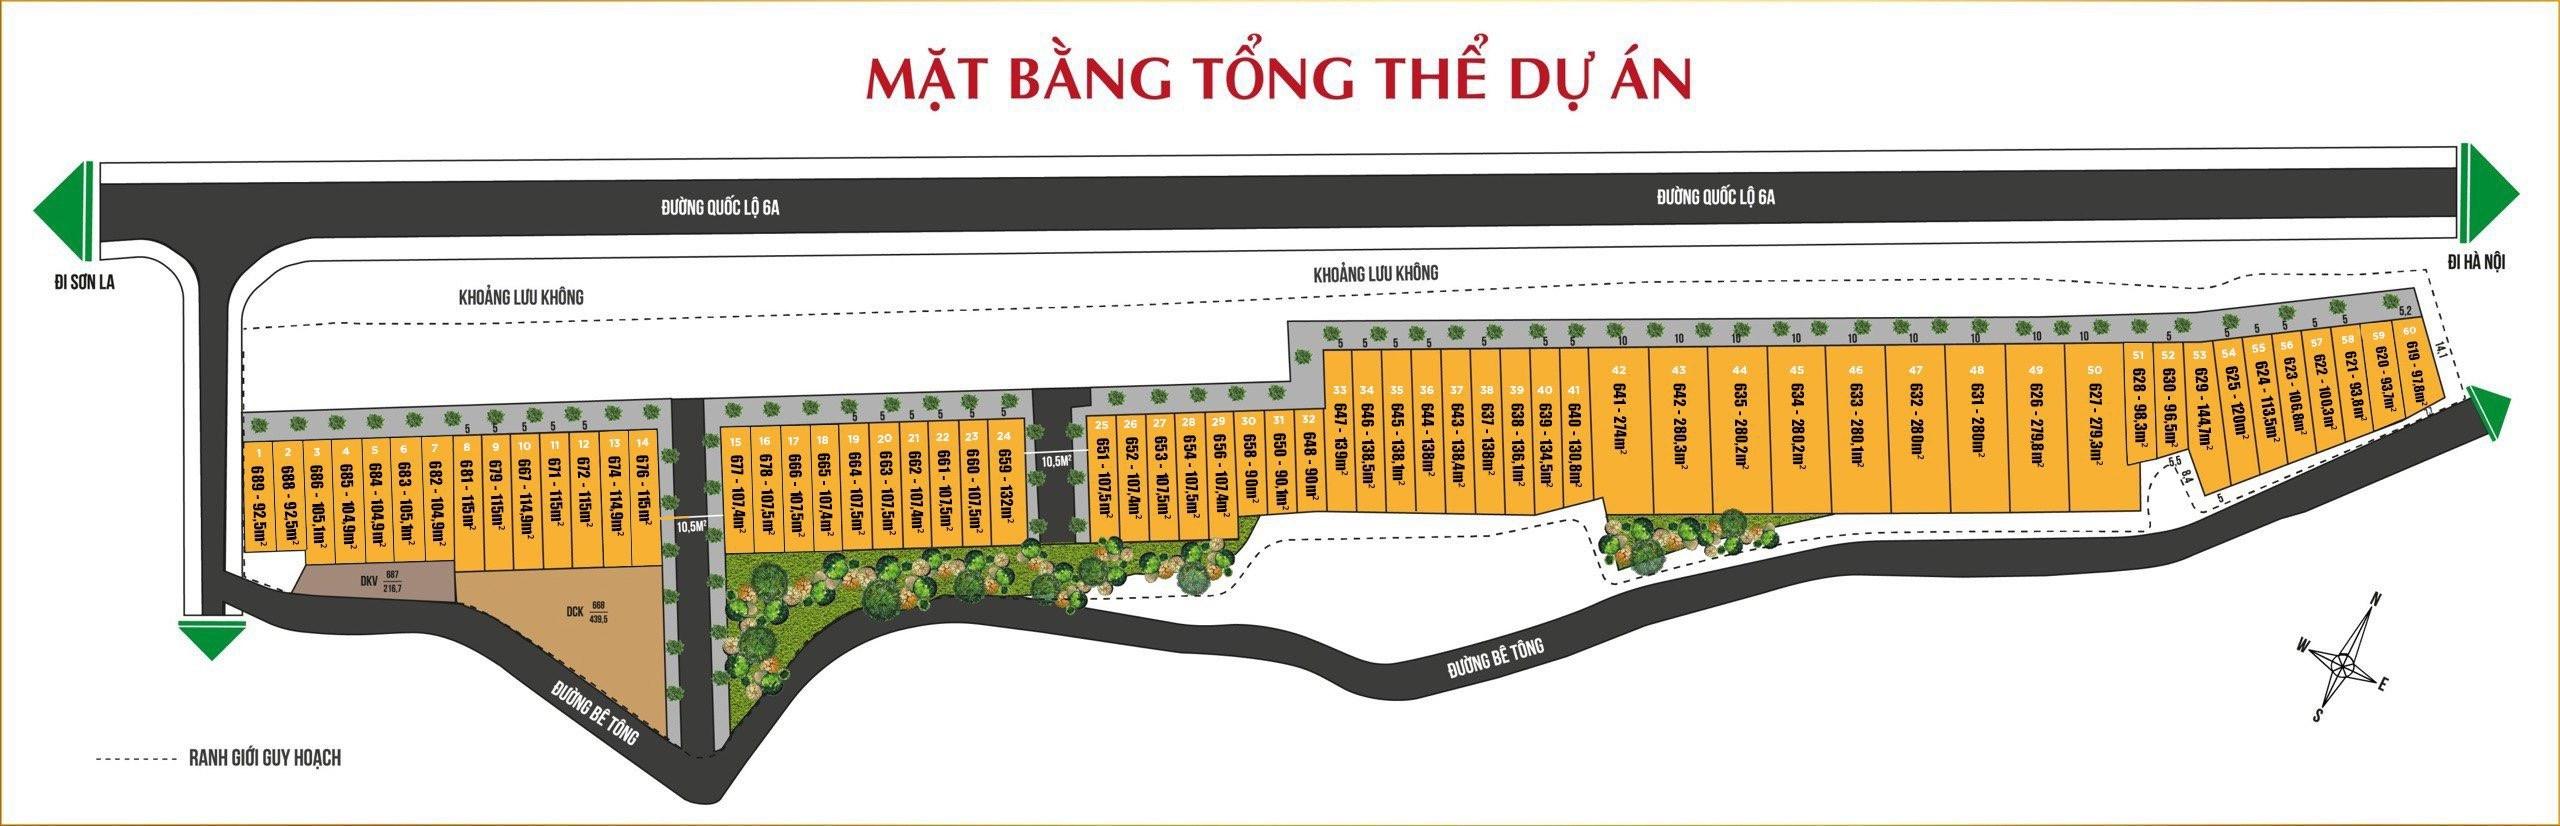 Đất nền phân lô Kì Sơn TP Hòa Bình - Siêu lợi nhuận.